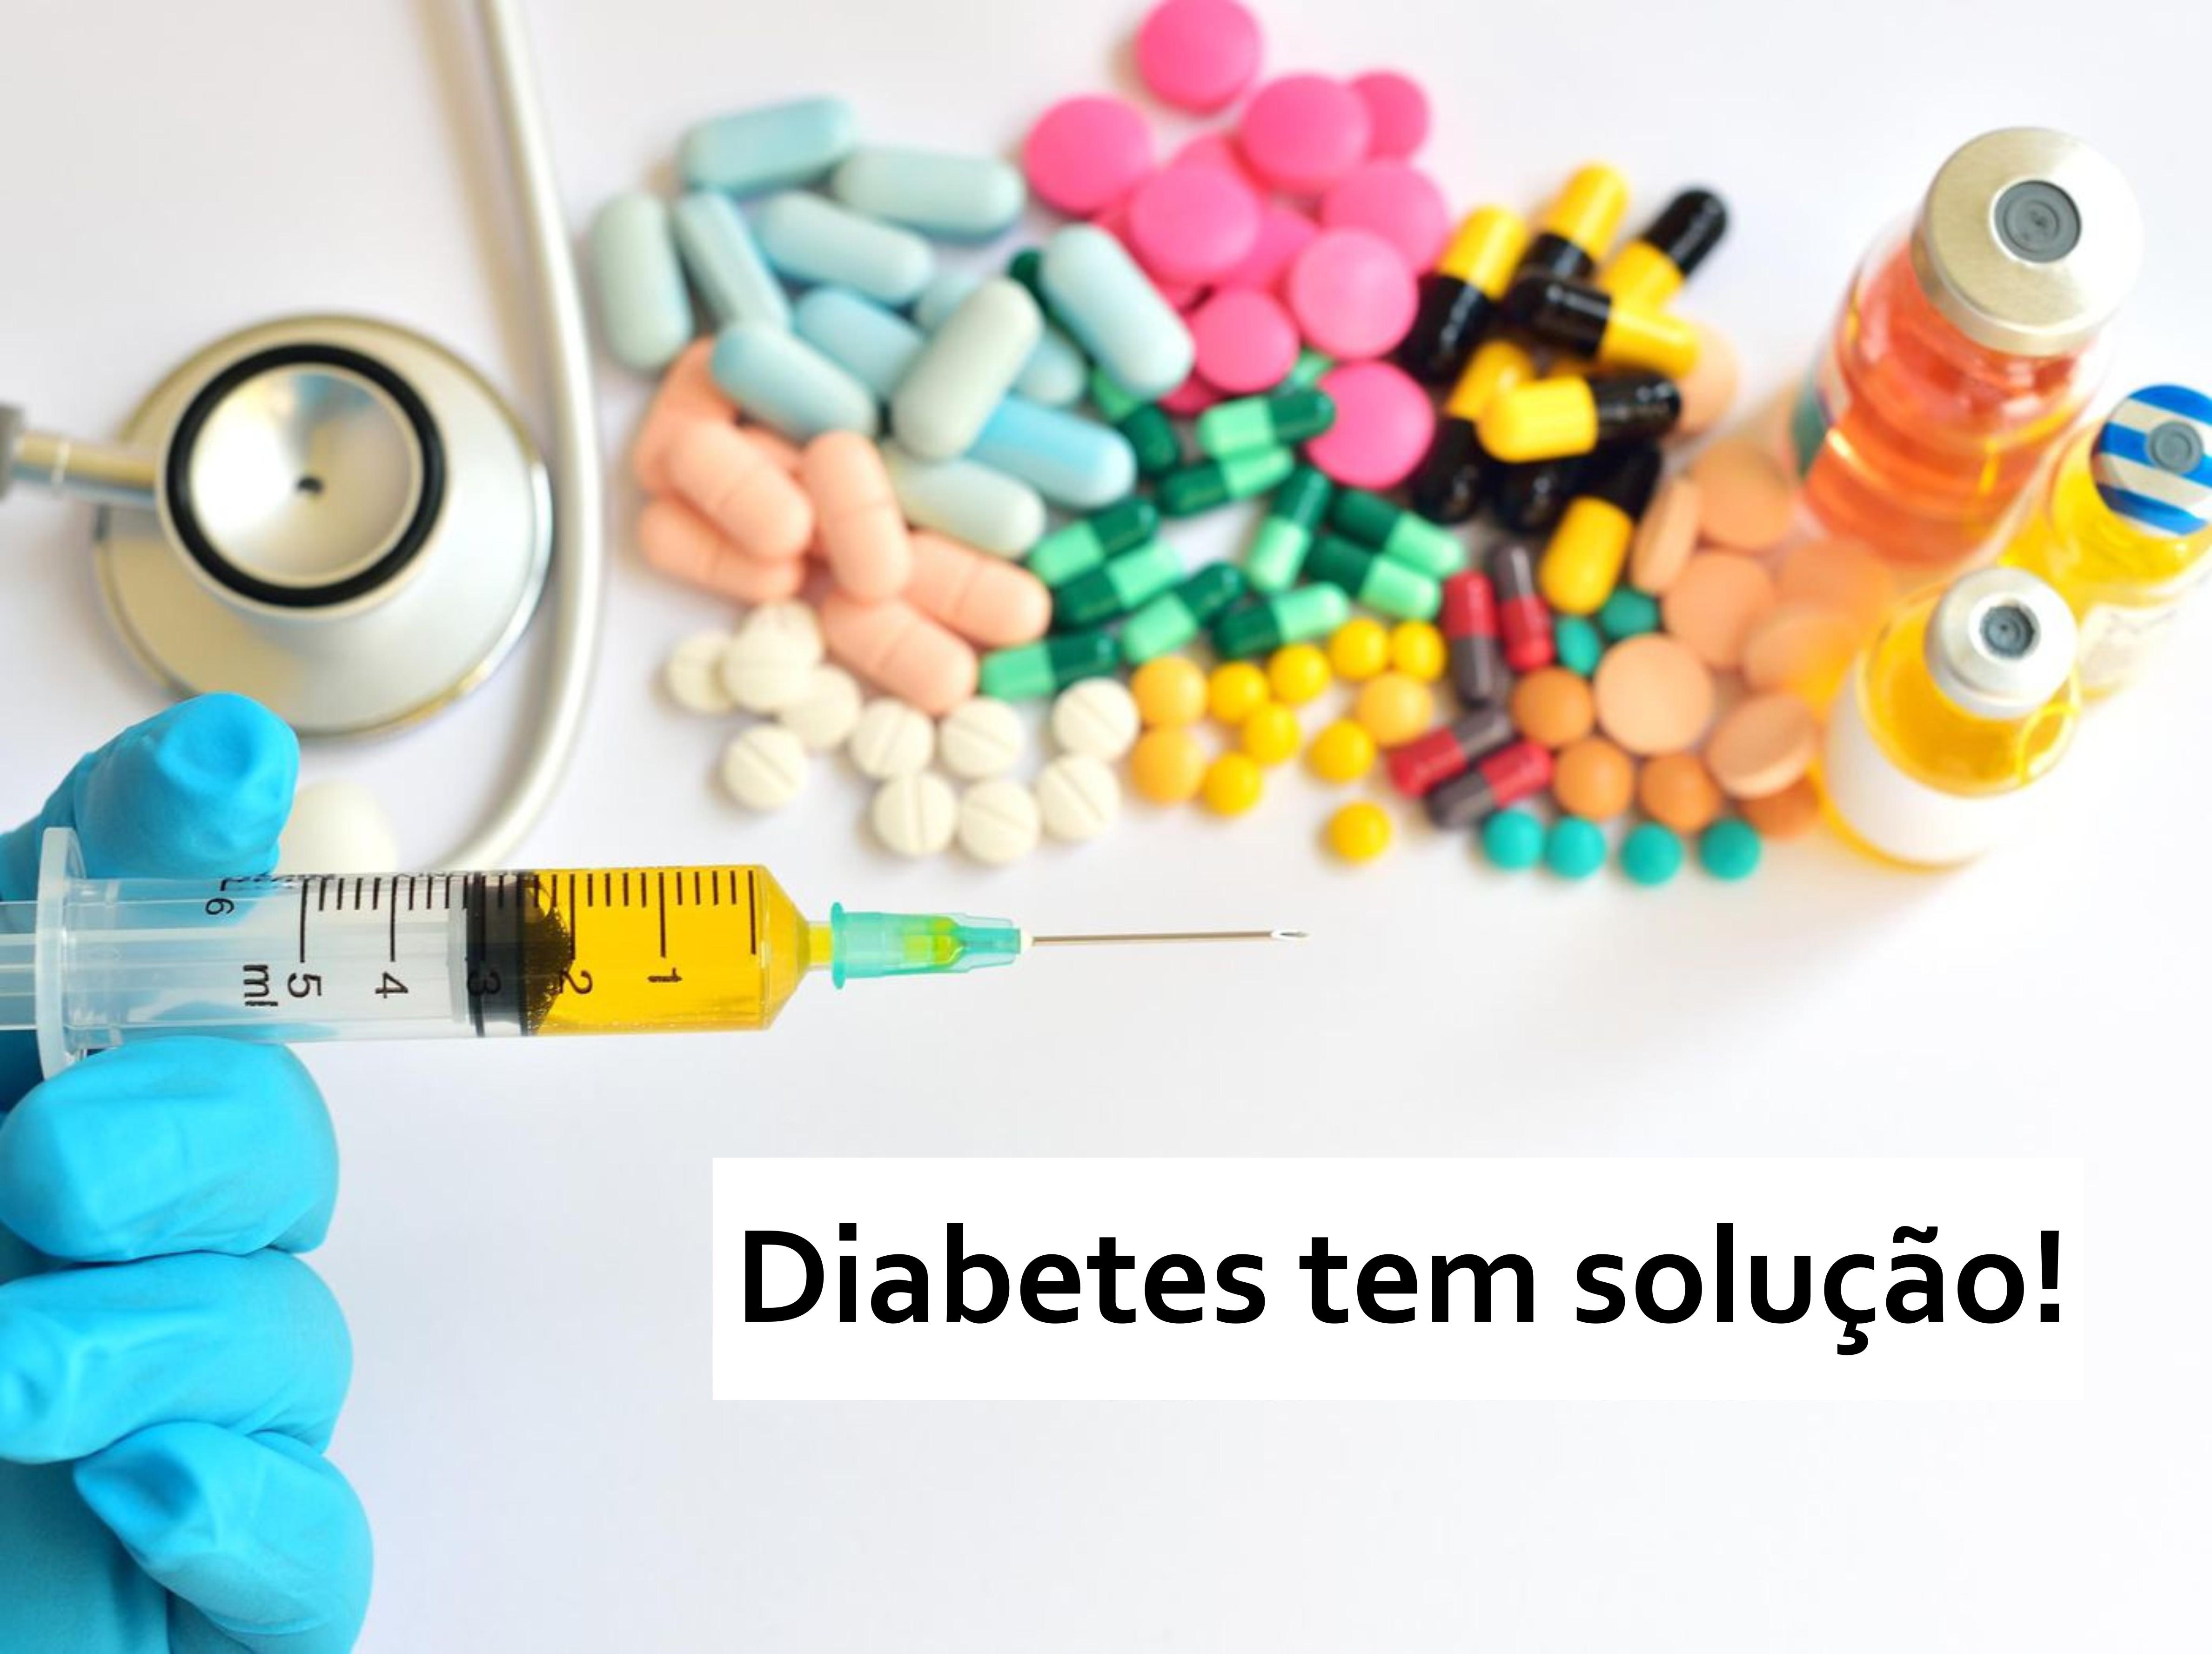 diabetes tem solucao white